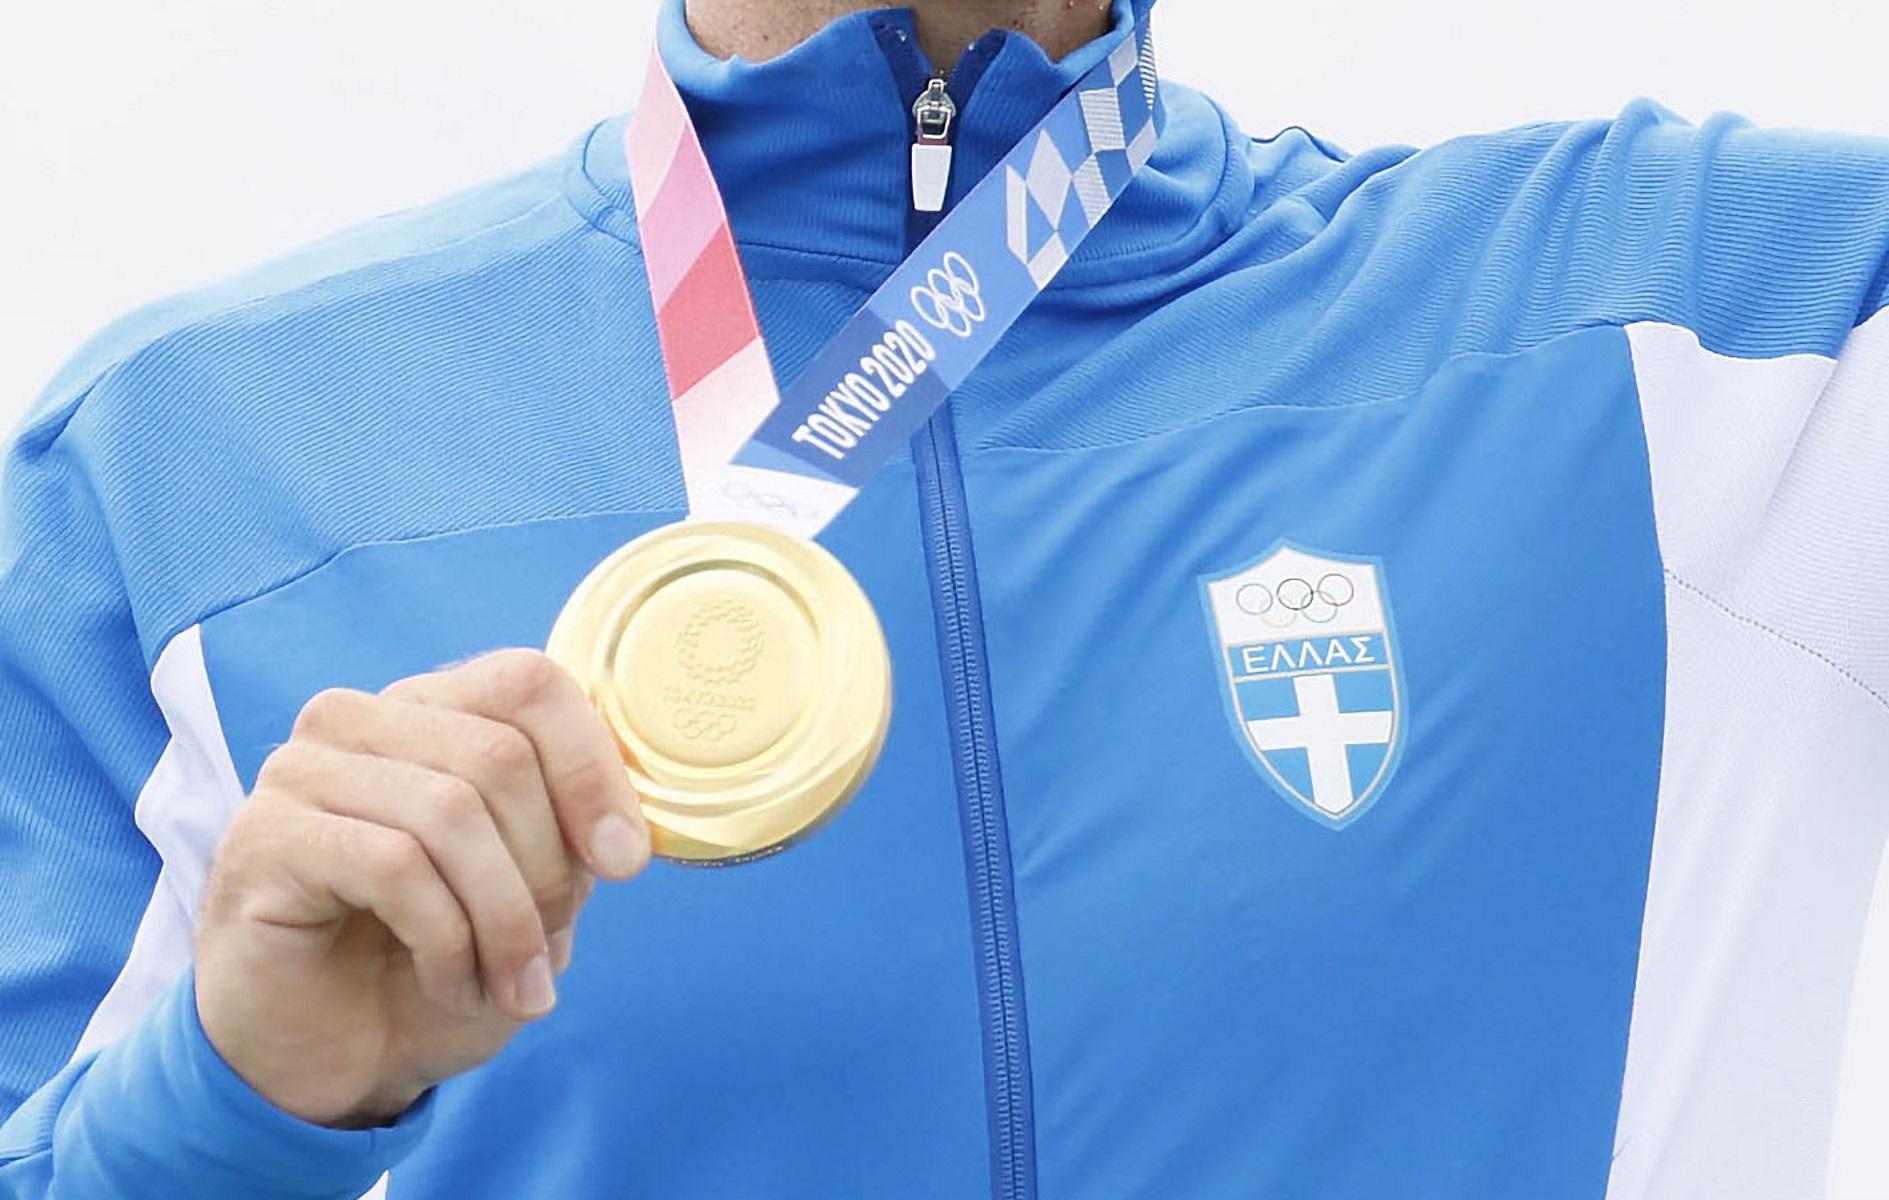 Ολυμπιακοί Αγώνες: Ο πίνακας των μεταλλίων – Η Ελλάδα μπήκε στον «χάρτη» με Ντούσκο